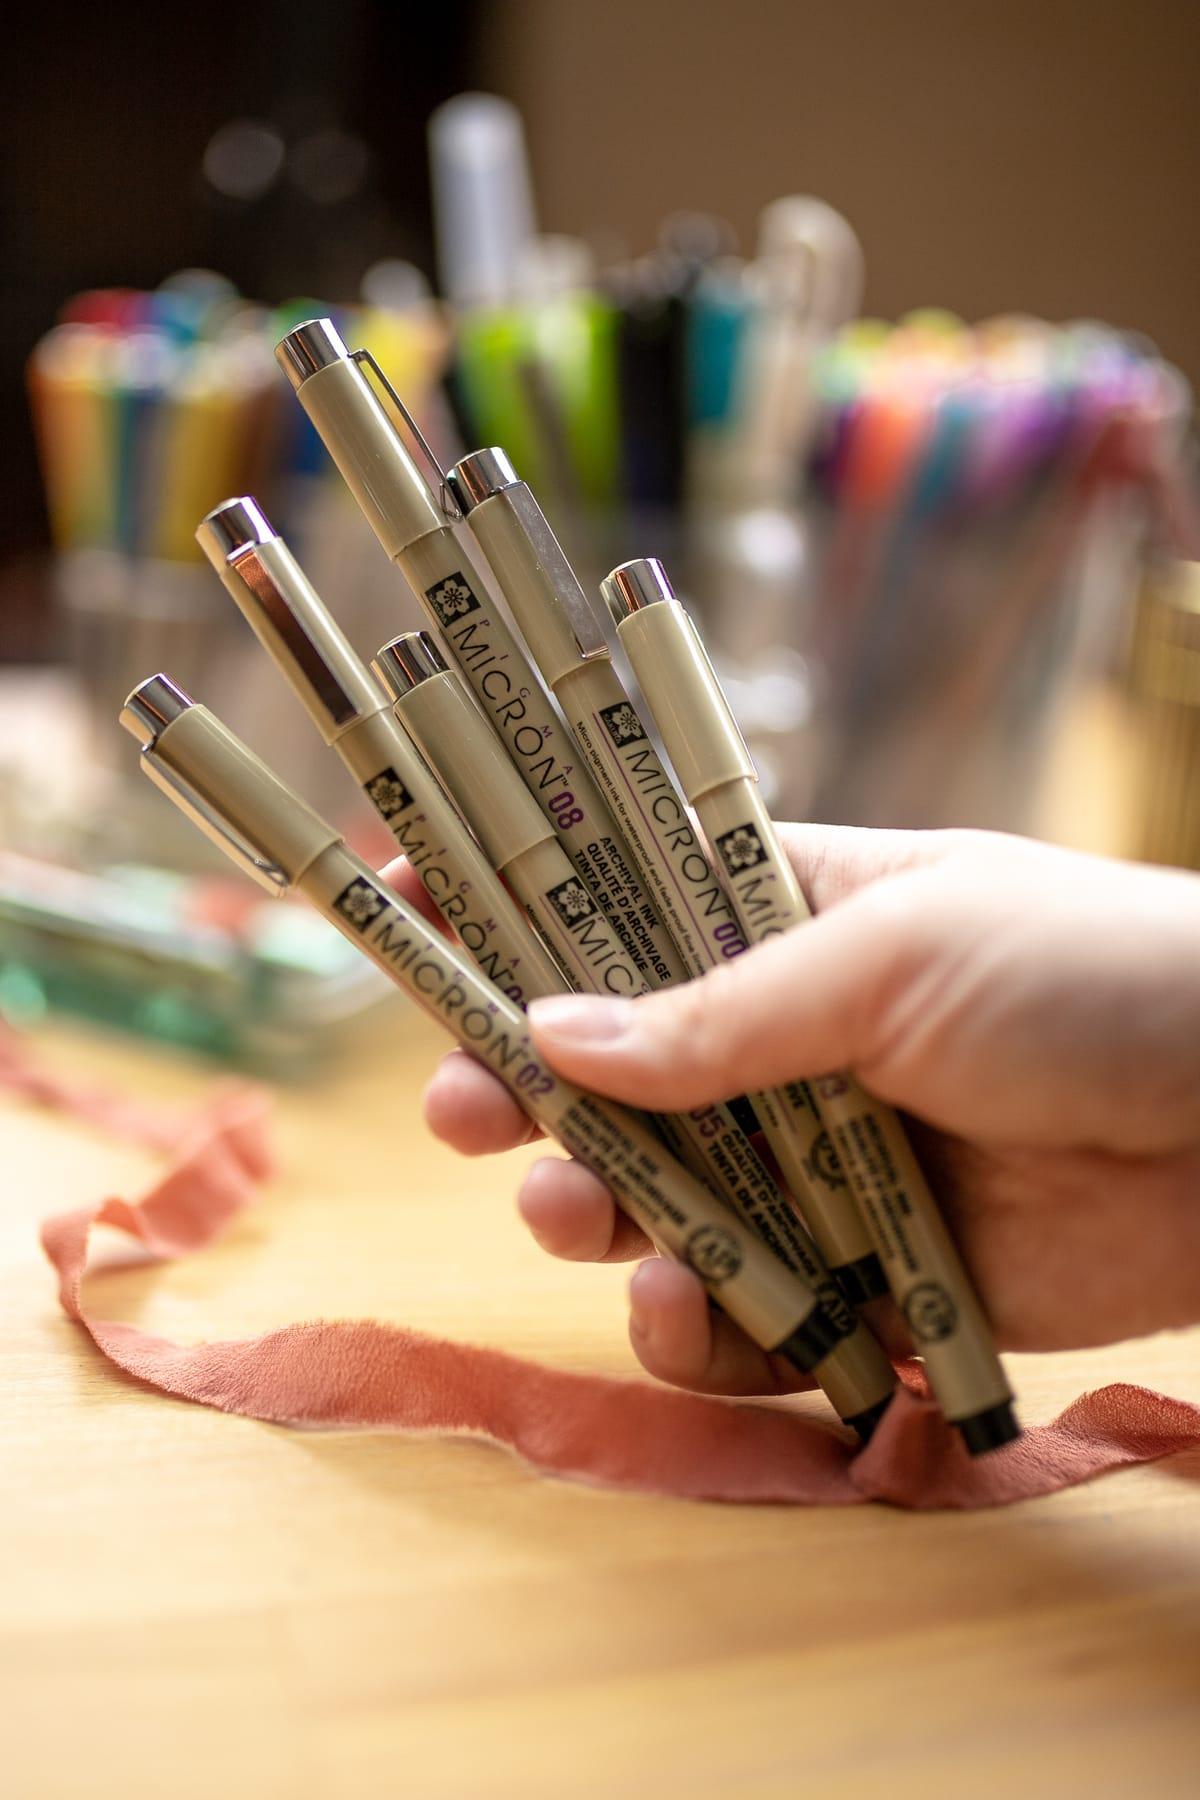 Hand holding set of Sakura Pigma Micron drawing pens